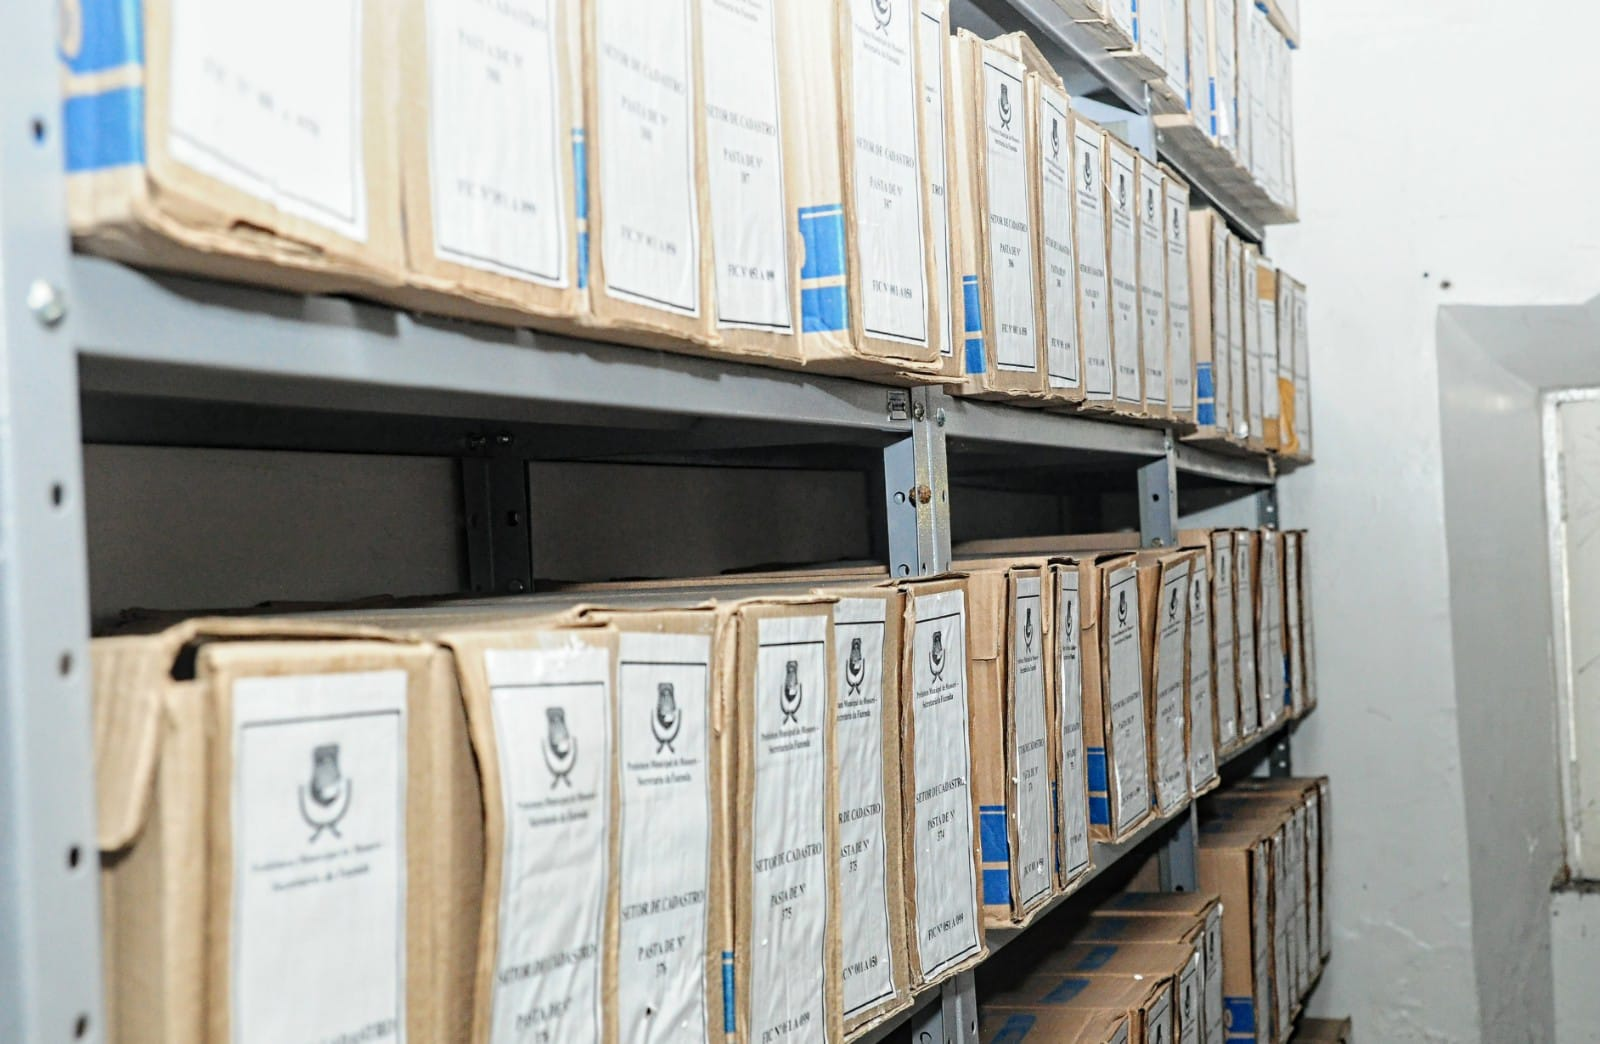 Secretaria da Fazenda cataloga e transfere arquivo passivo para o Arquivo Central